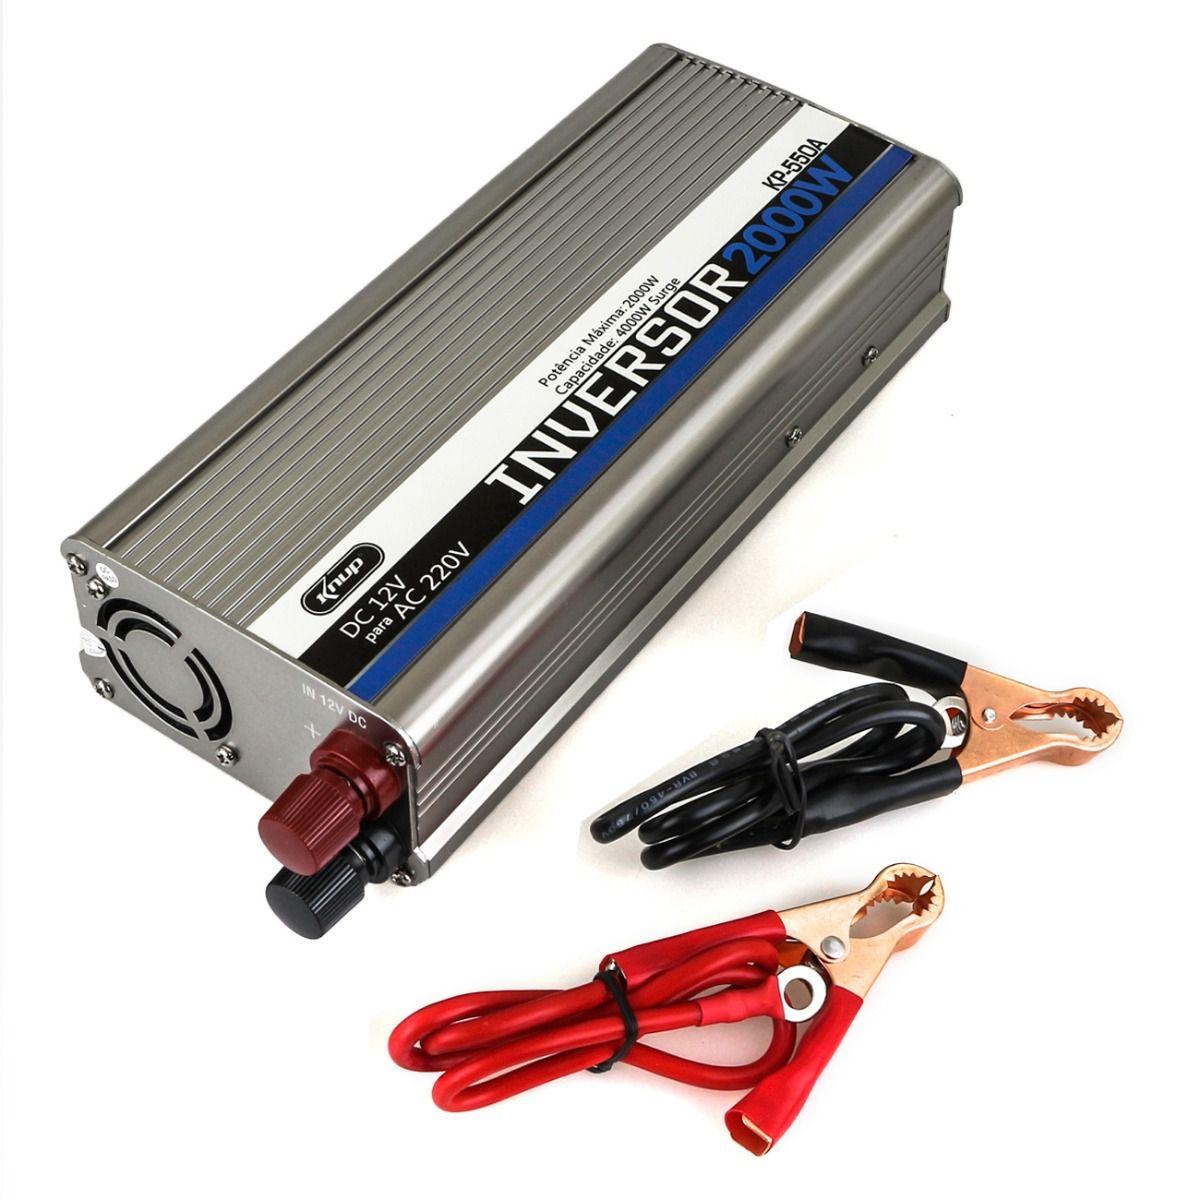 Inversor de Tensão Veicular High Power KP-550A 2000W 220V - Knup